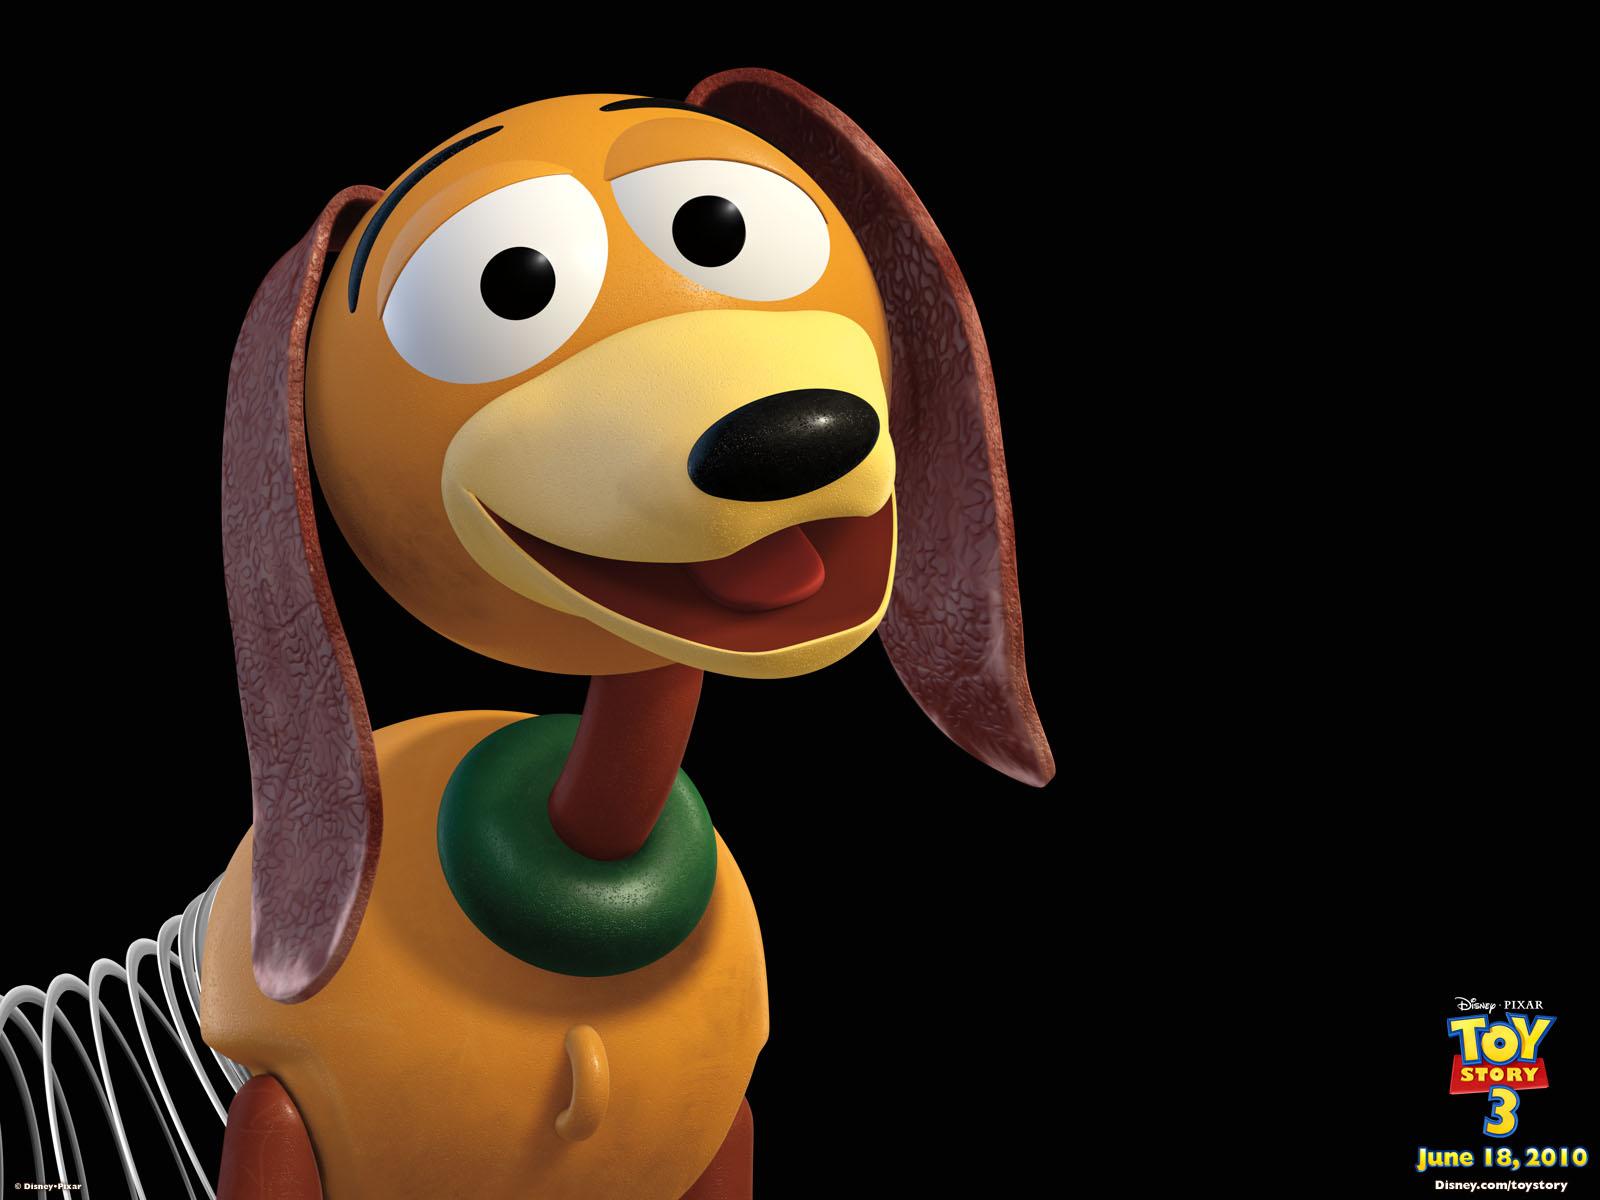 Imagen slinky toy story 3 pixar wiki for Toy story 5 portada